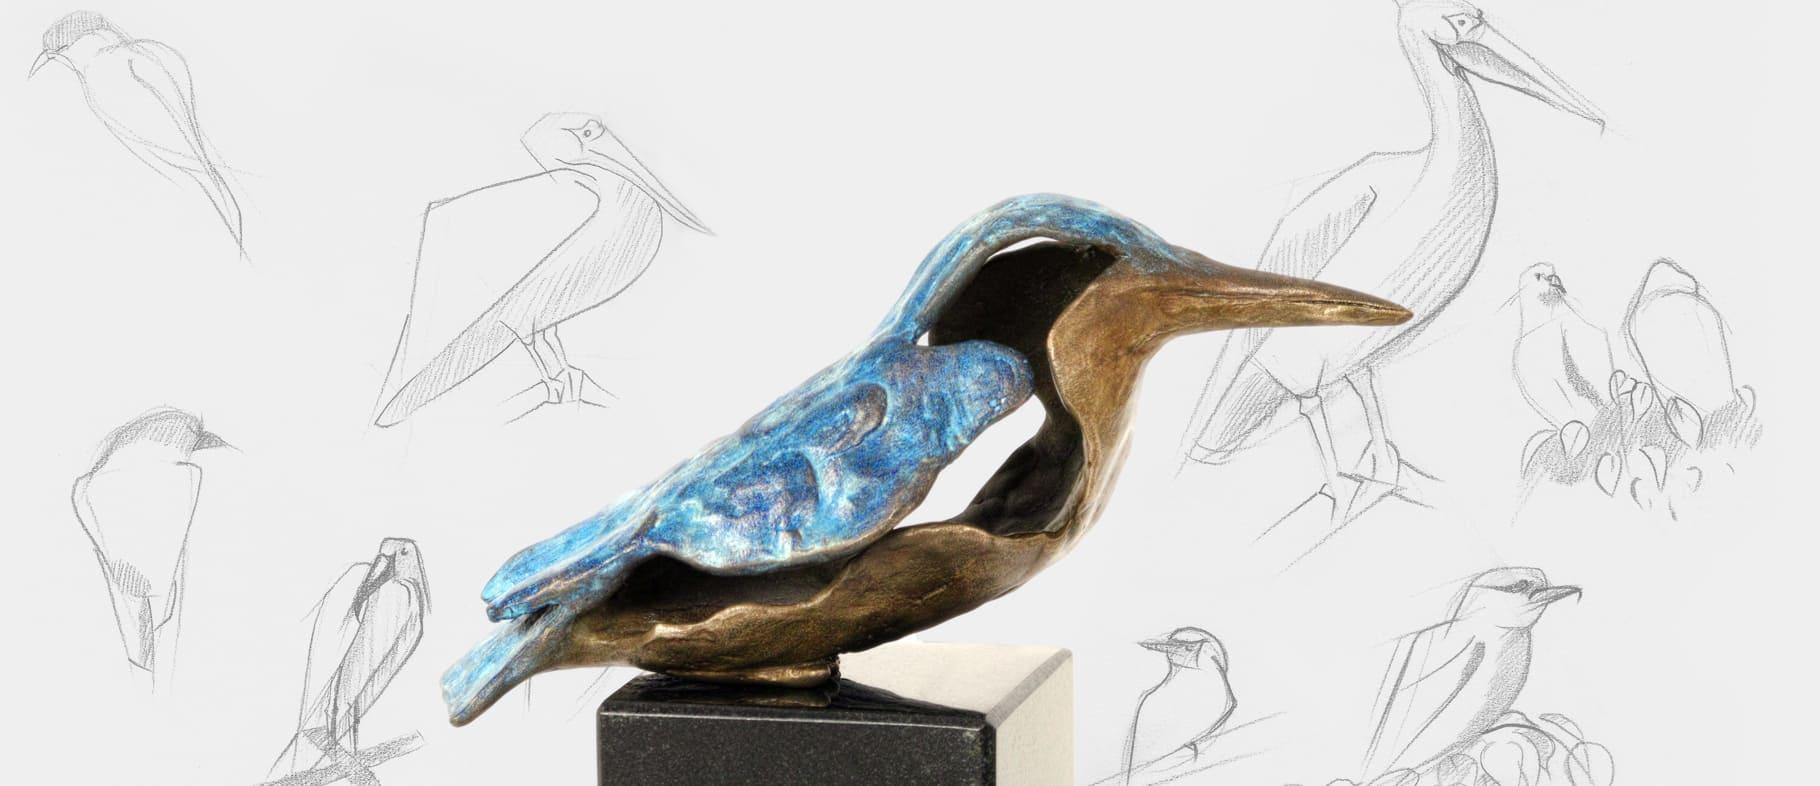 Skulptur-als-Skizze